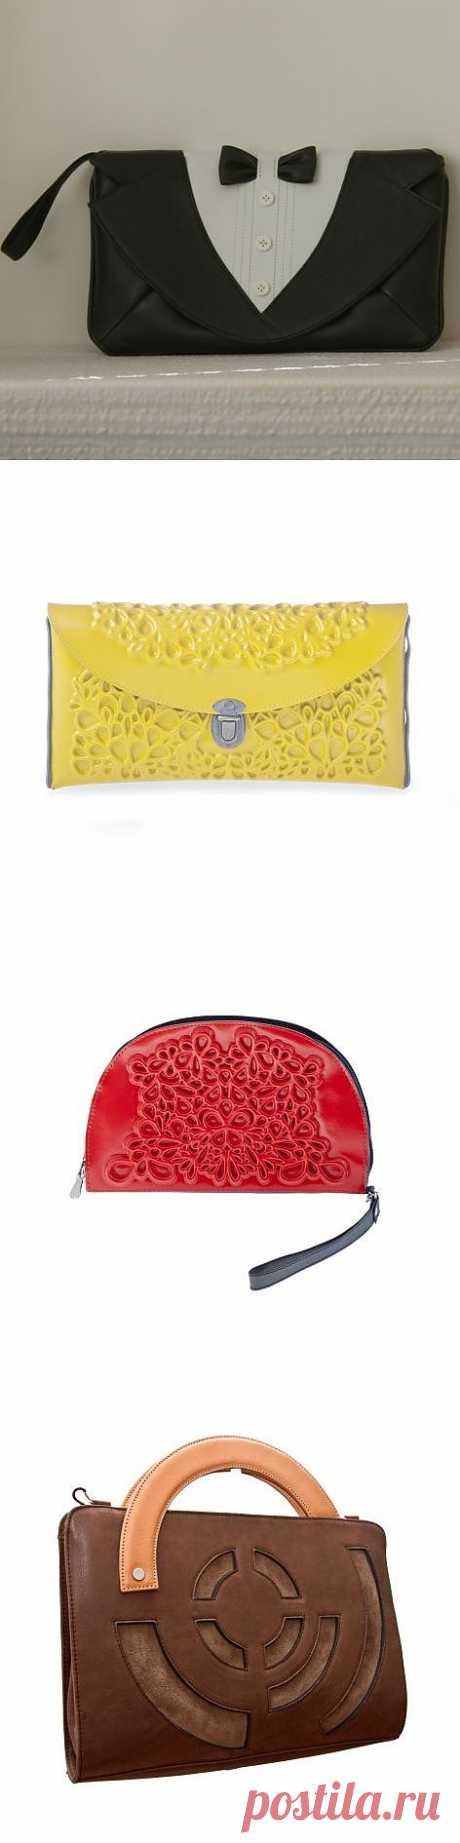 Клатчи (подборка) / Сумки, клатчи, чемоданы / Модный сайт о стильной переделке одежды и интерьера